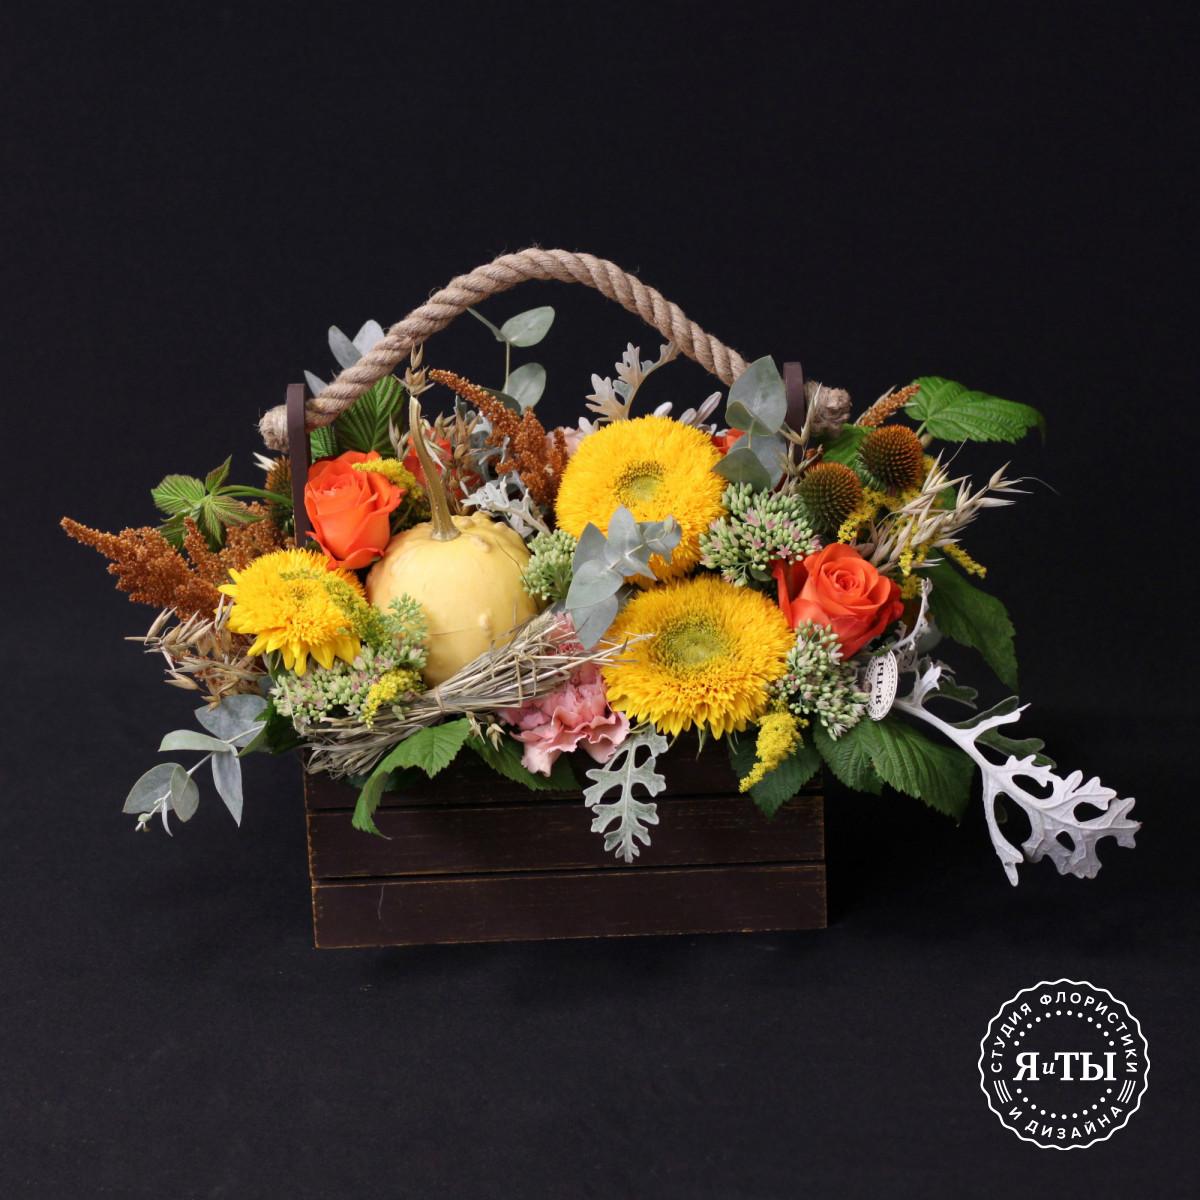 Яркий осенний ящик с тыквой и подсолнухами